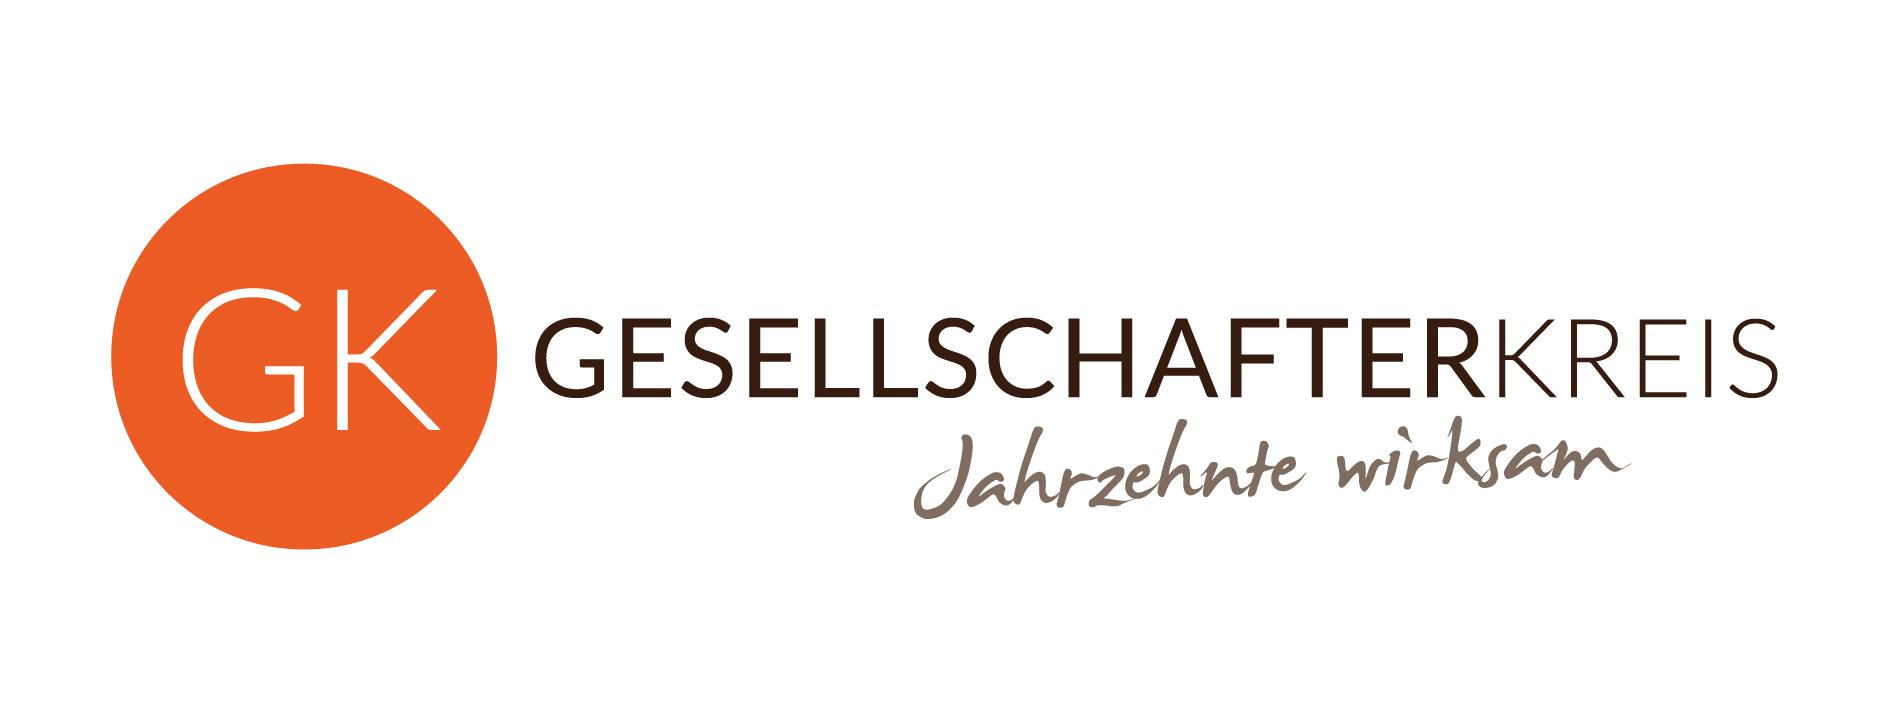 CMYK_Logo_Gesellschafterkreis